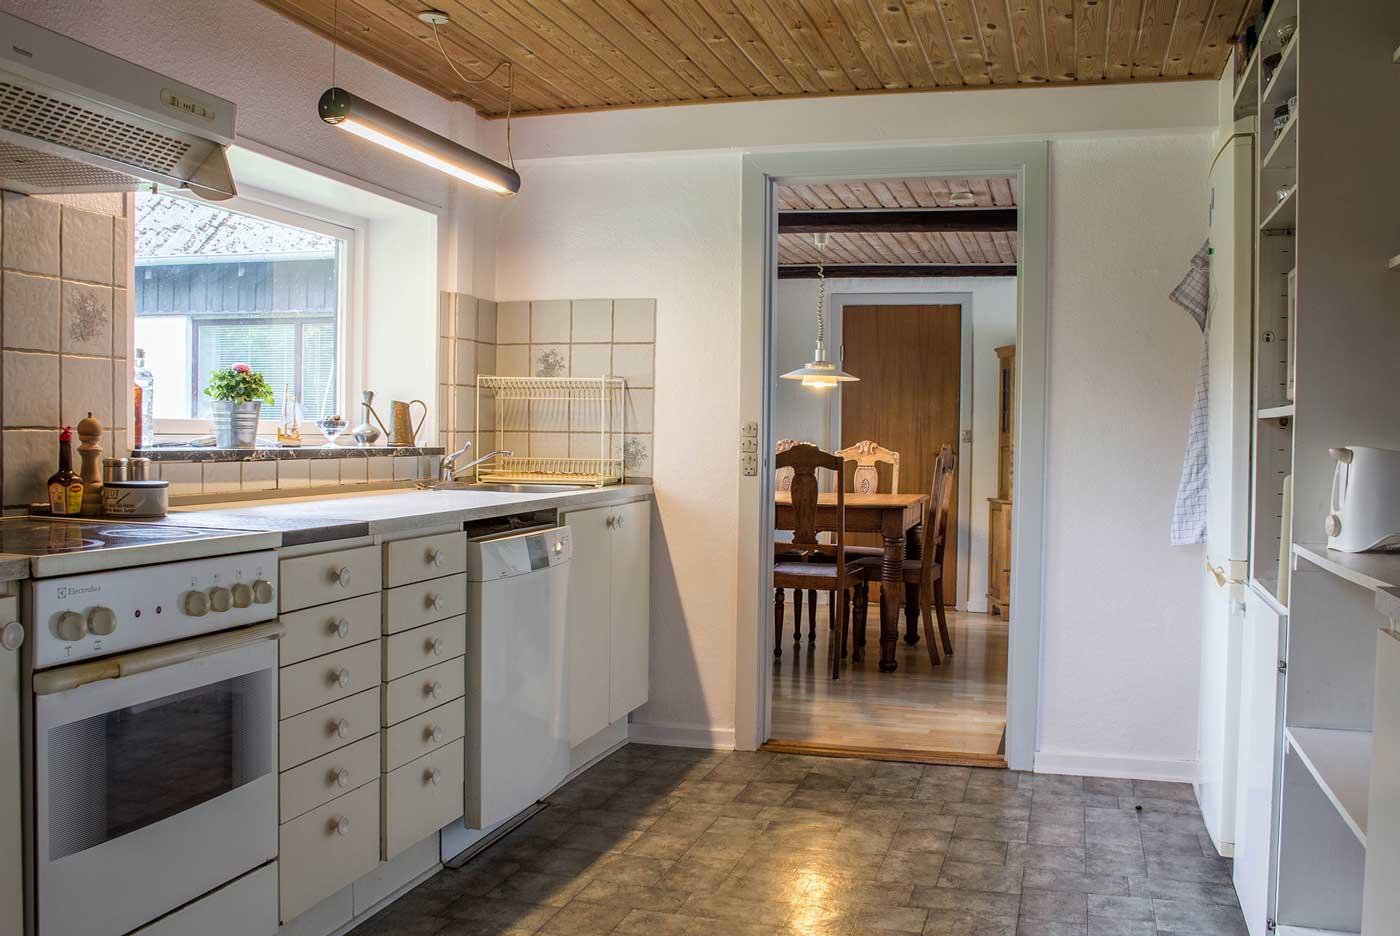 Køkkenet med ovn, kogeplade, kølefryseskab, elkedel, mikroovn, mv.